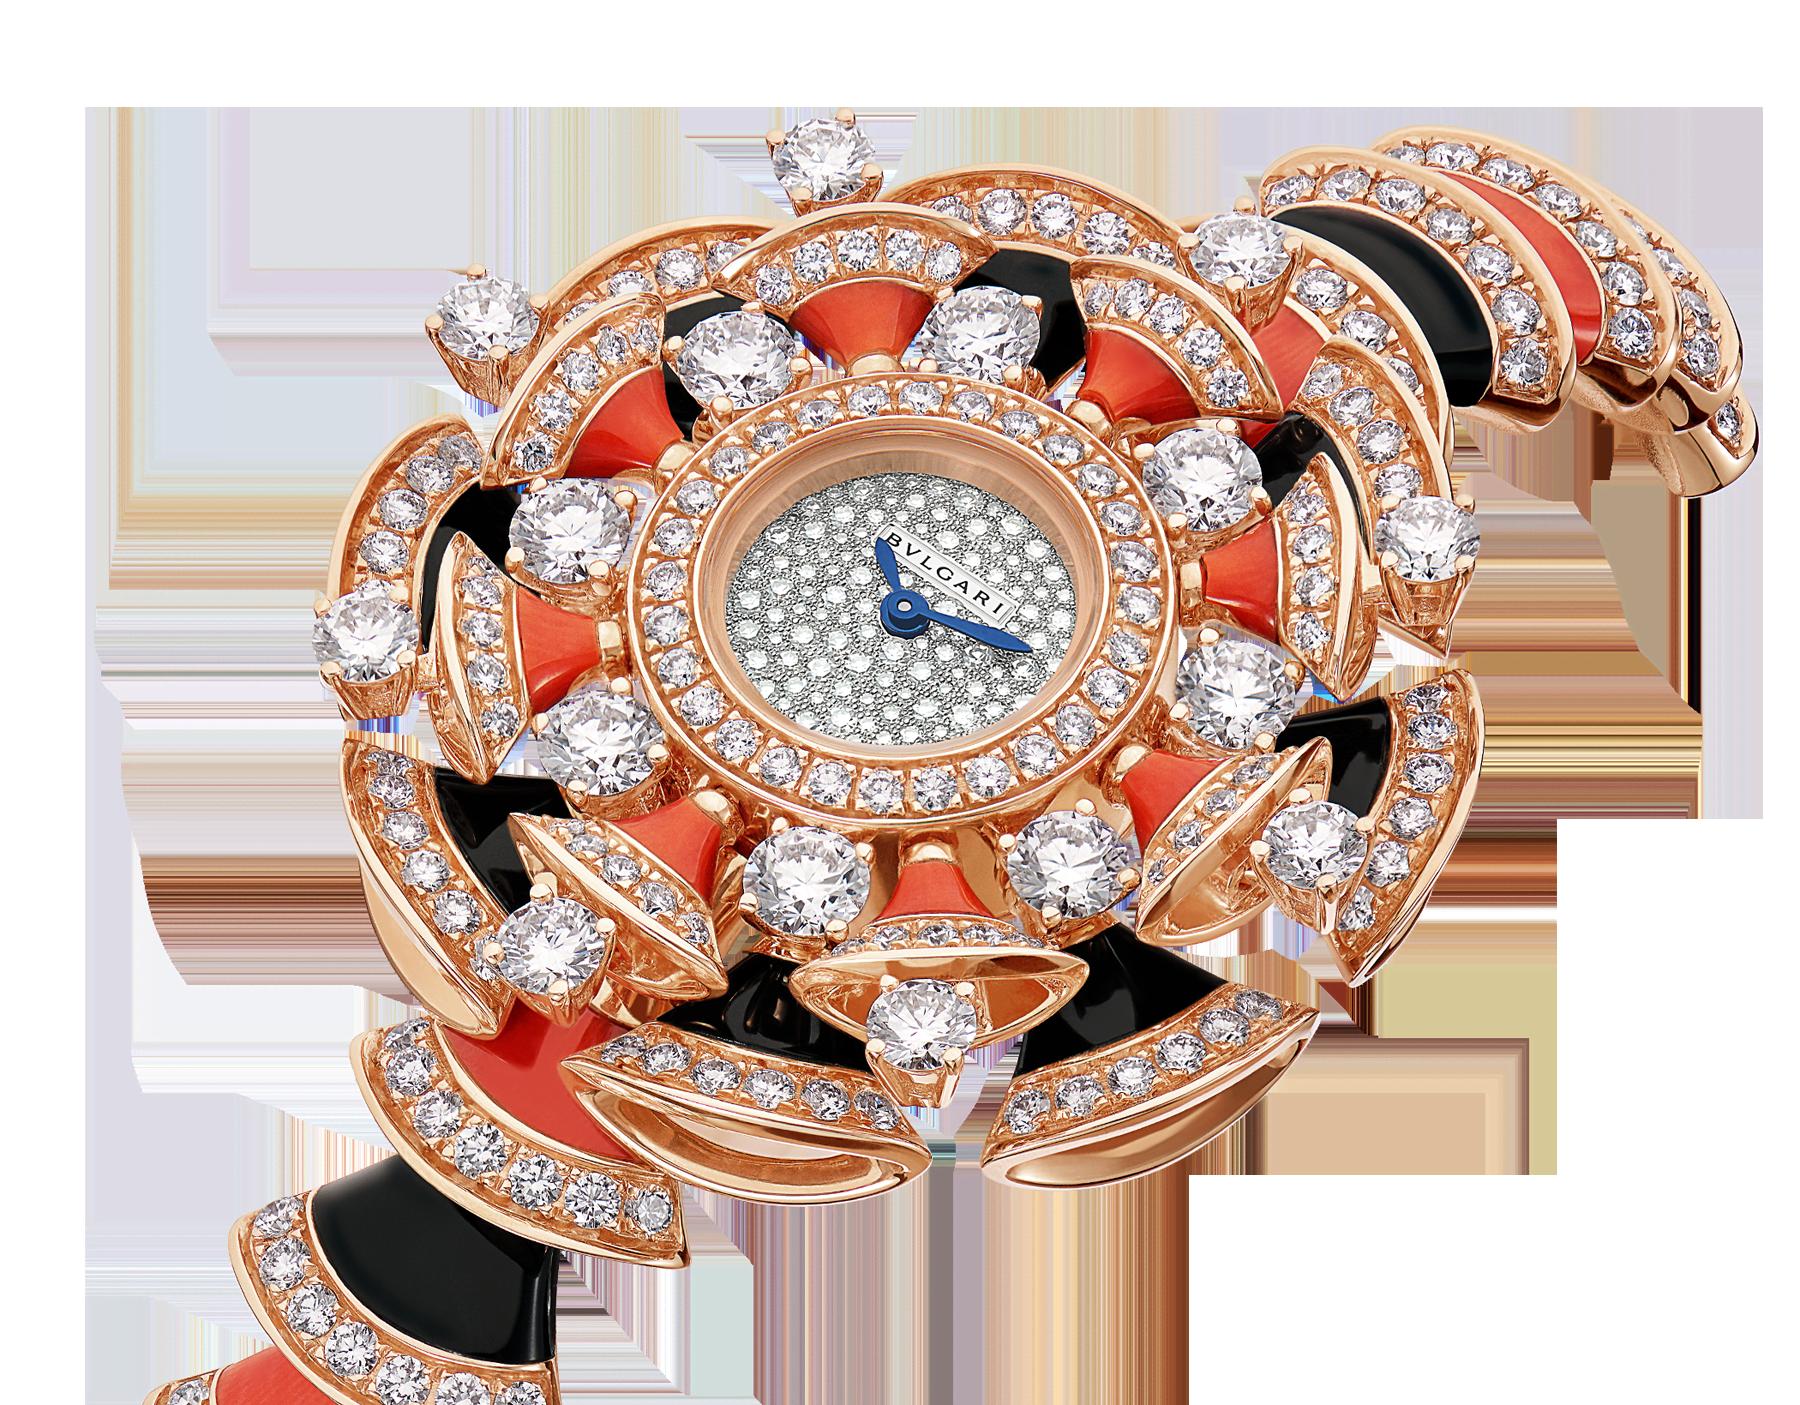 DIVAS' DREAM Uhr mit Gehäuse und Armband aus 18 Karat Roségold, beide mit Diamanten im Brillantschliff, Elementen aus Onyx und roter Koralle, mit Zifferblatt in Neige Pavé-Technik 102422 image 2